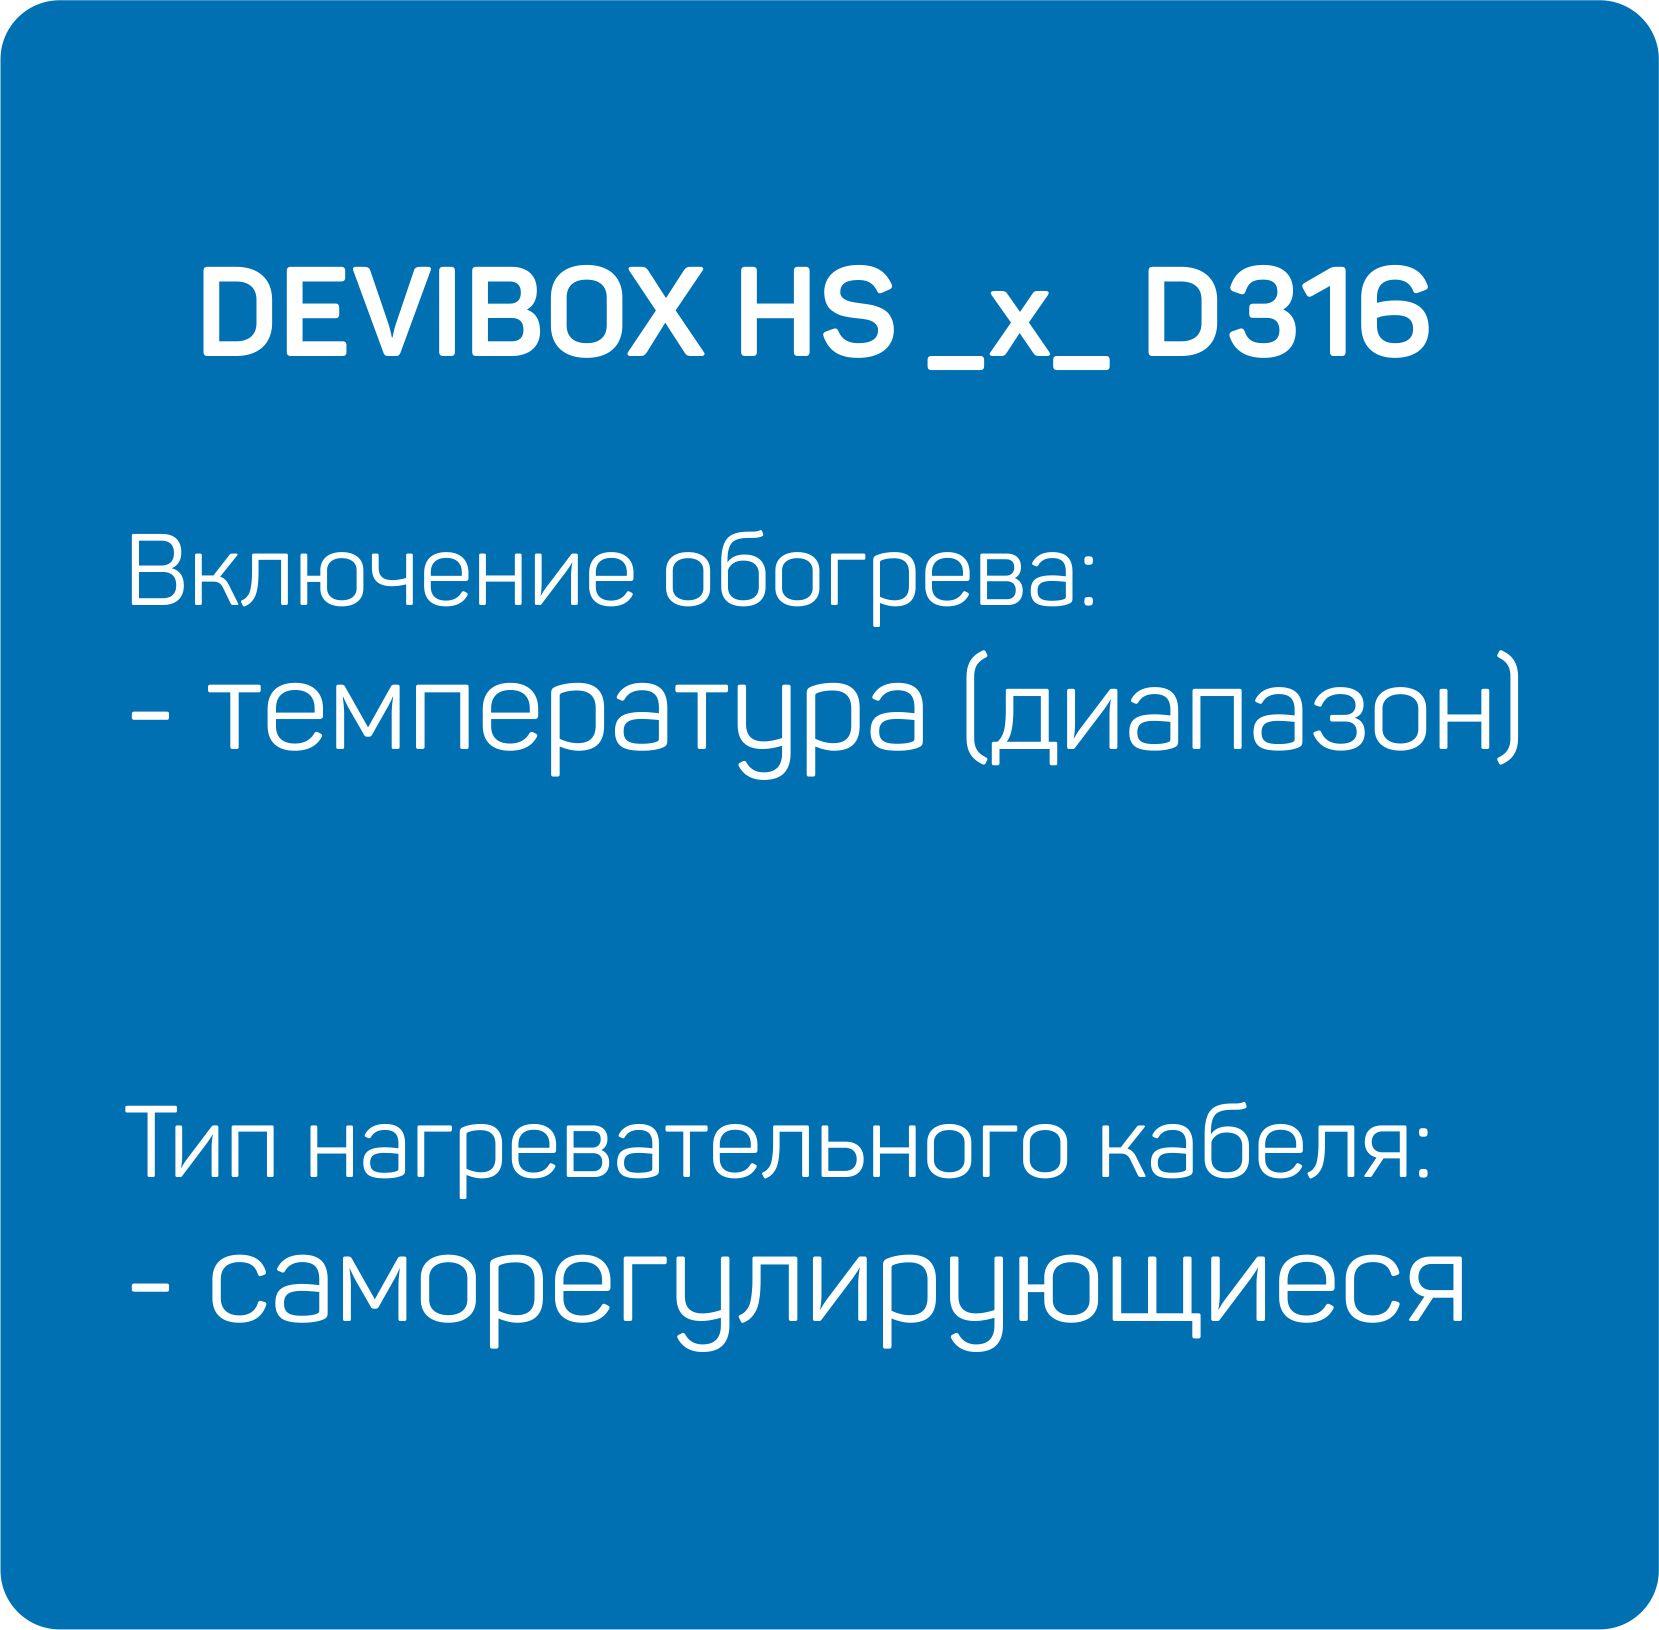 HS _x_ D316